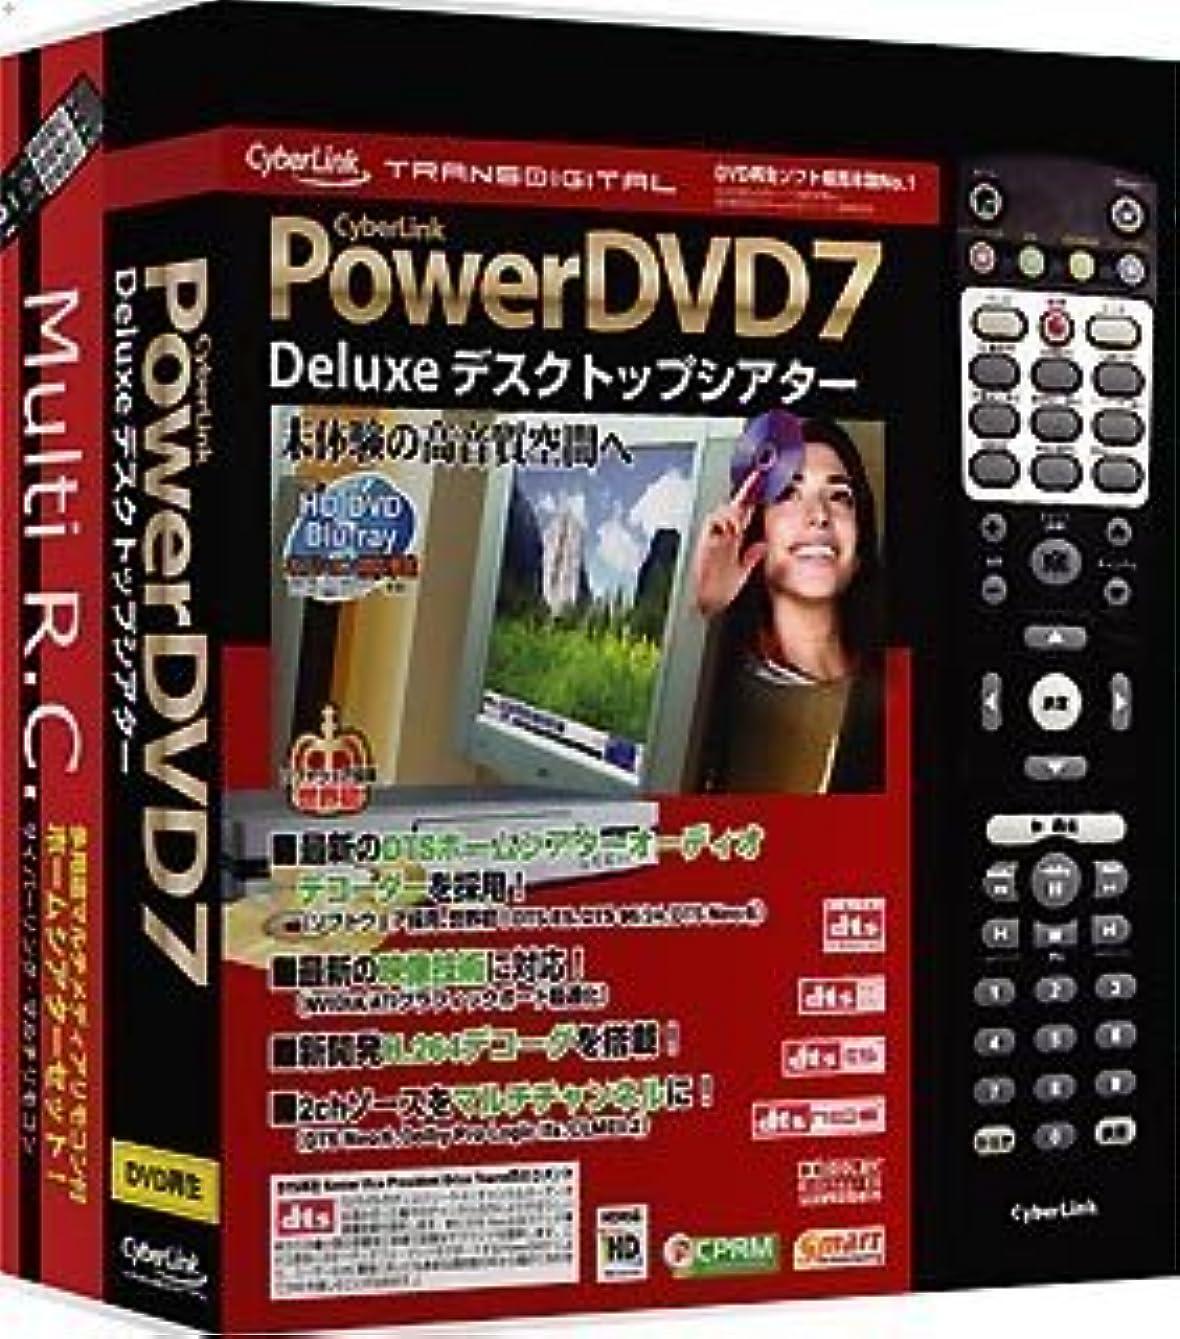 ラブセッティング教授PowerDVD 7 DX デスクトップシアター マルチリモコン版